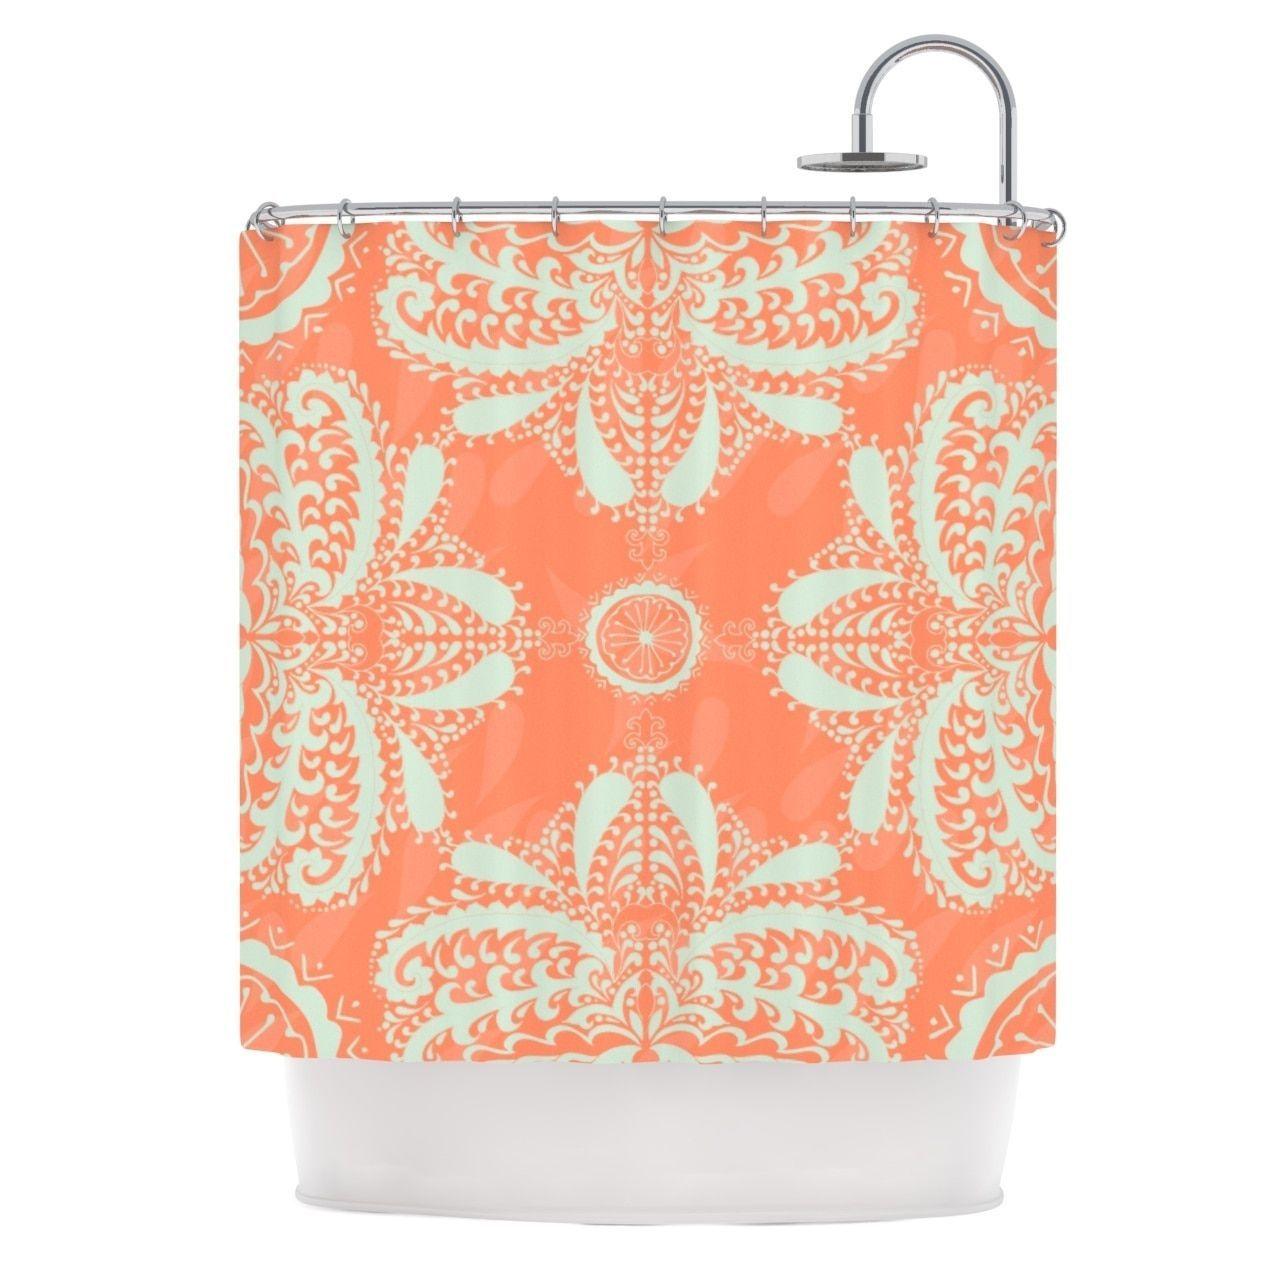 Orange Floral Shower Curtain. Kess InHouse Nandita Singh Motifs in Peach Orange Floral Shower Curtain